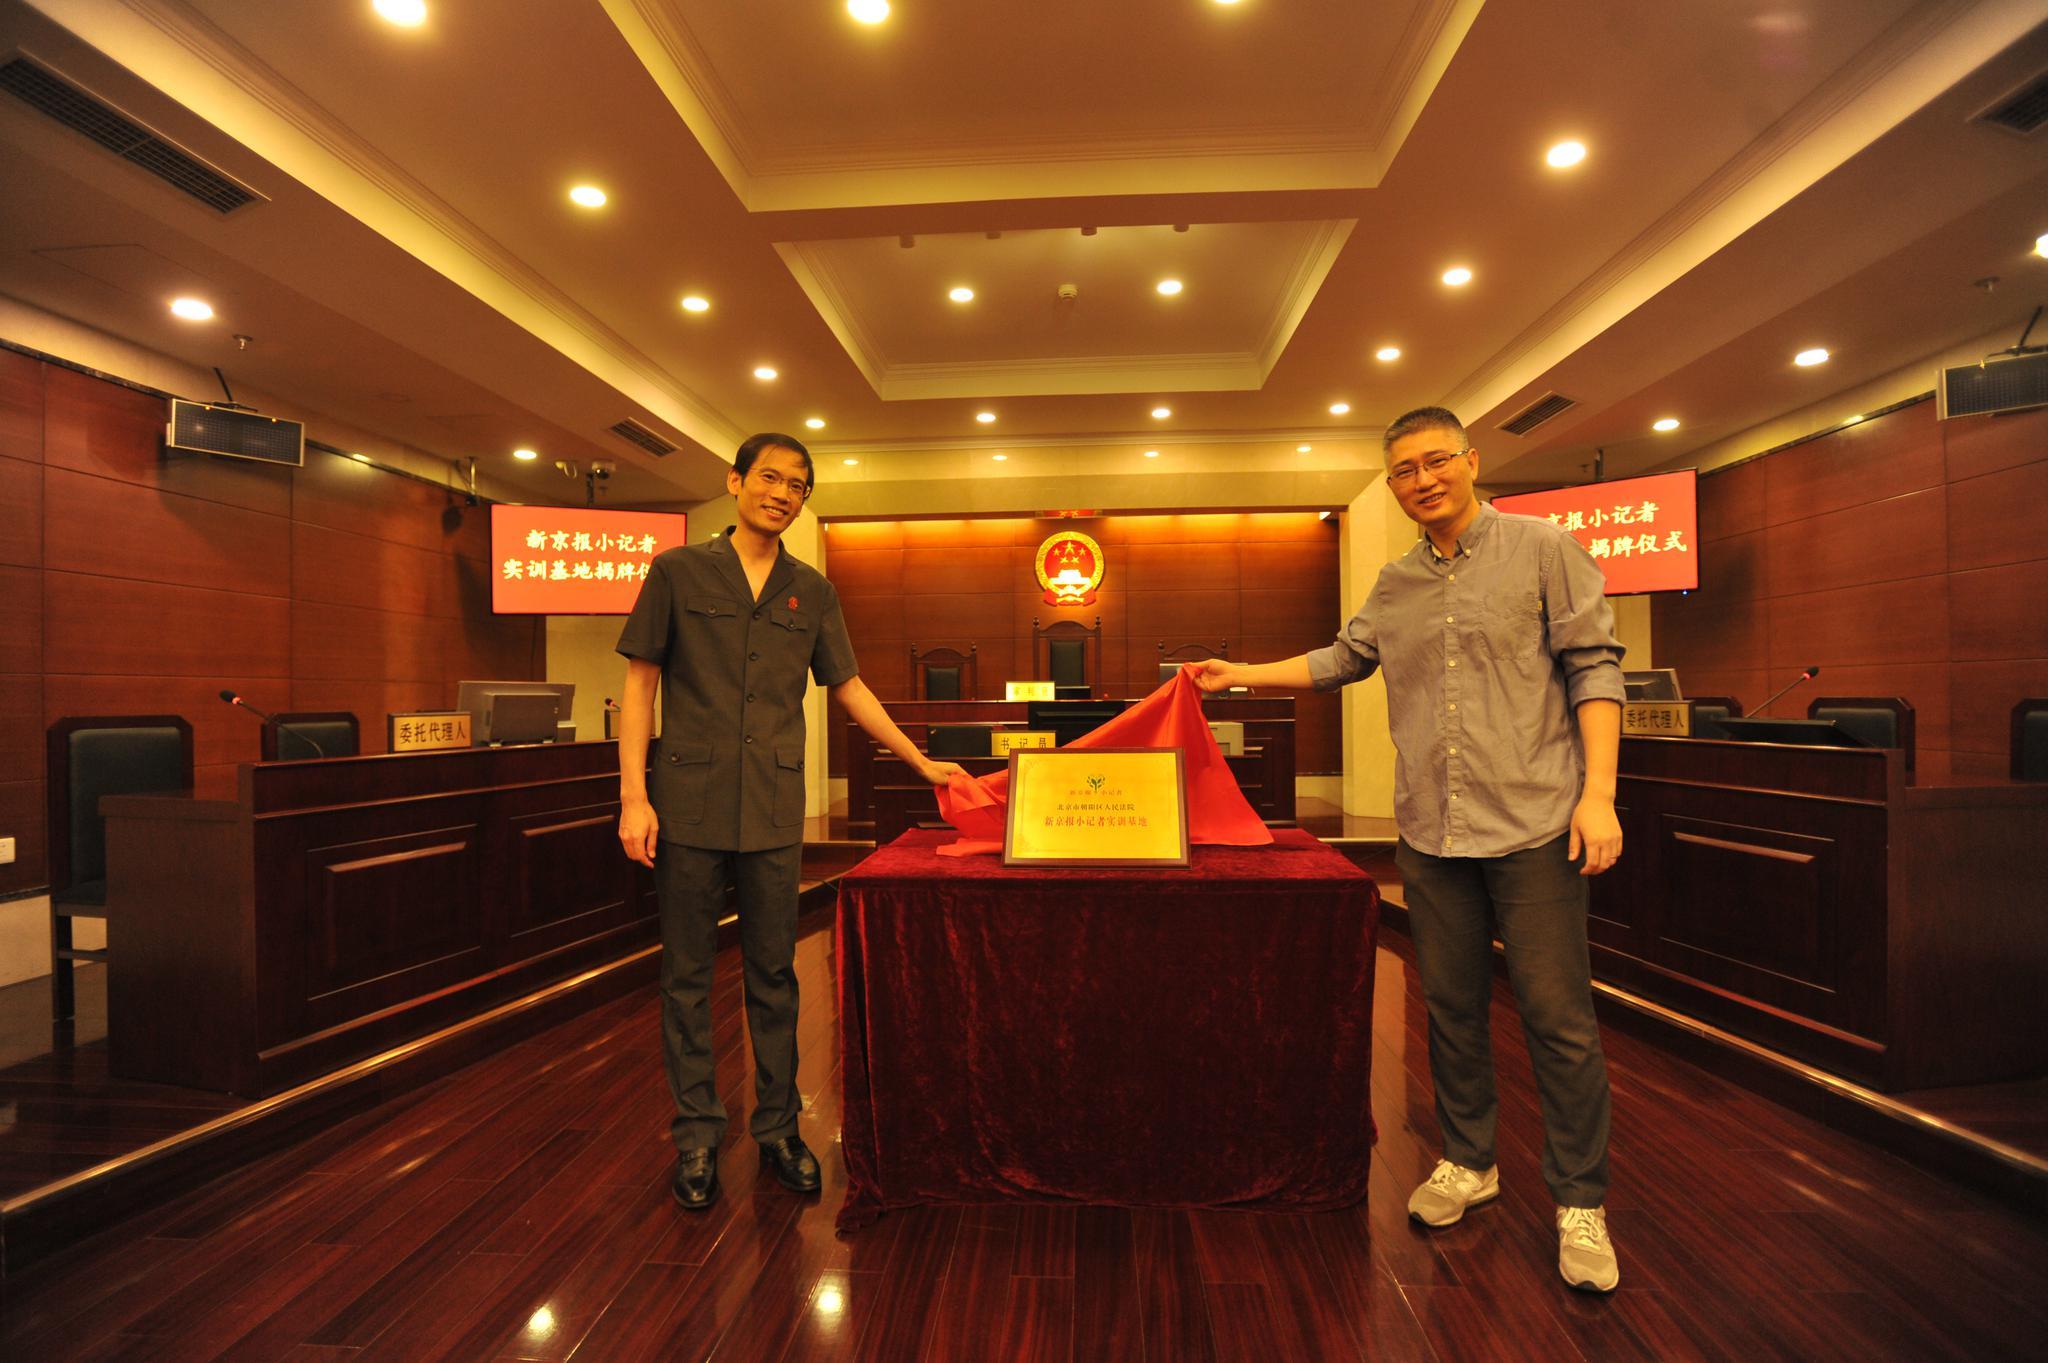 北京朝阳法院挂牌成立新京报小记者实训基地